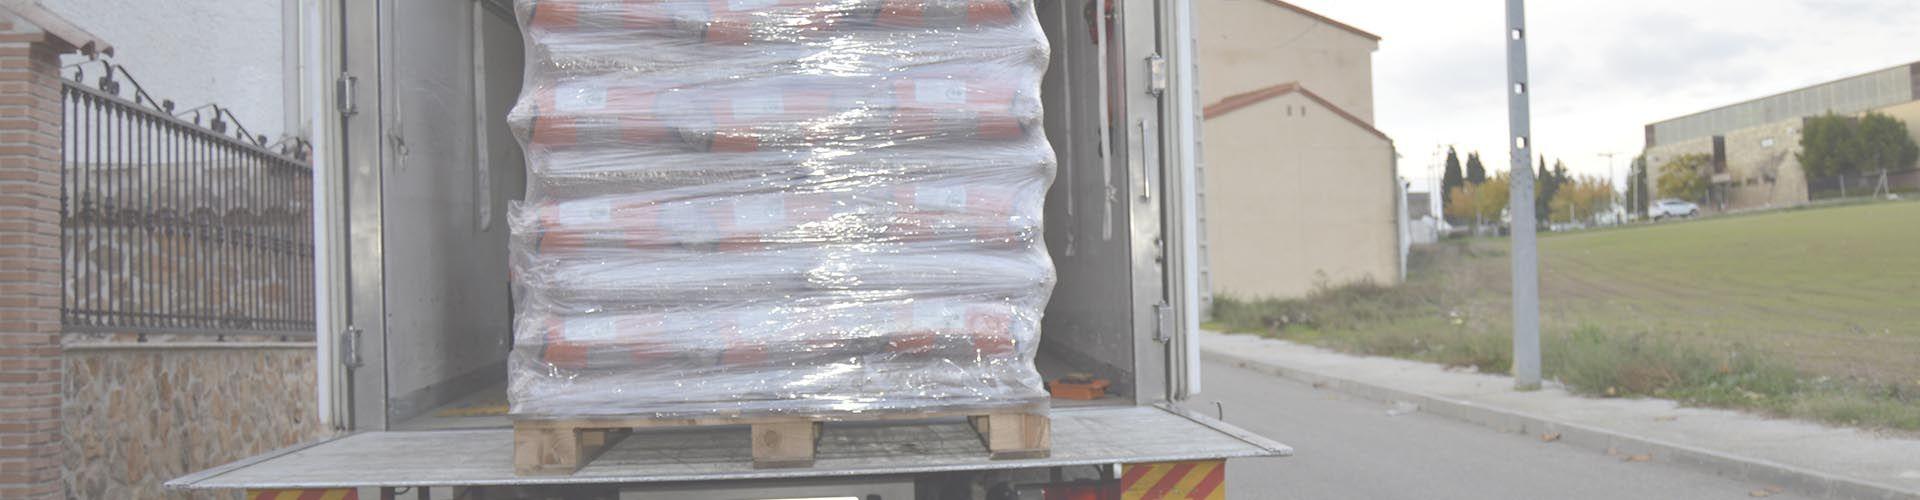 Pellets en Madrid, venta y distribución de pellets en Madrid